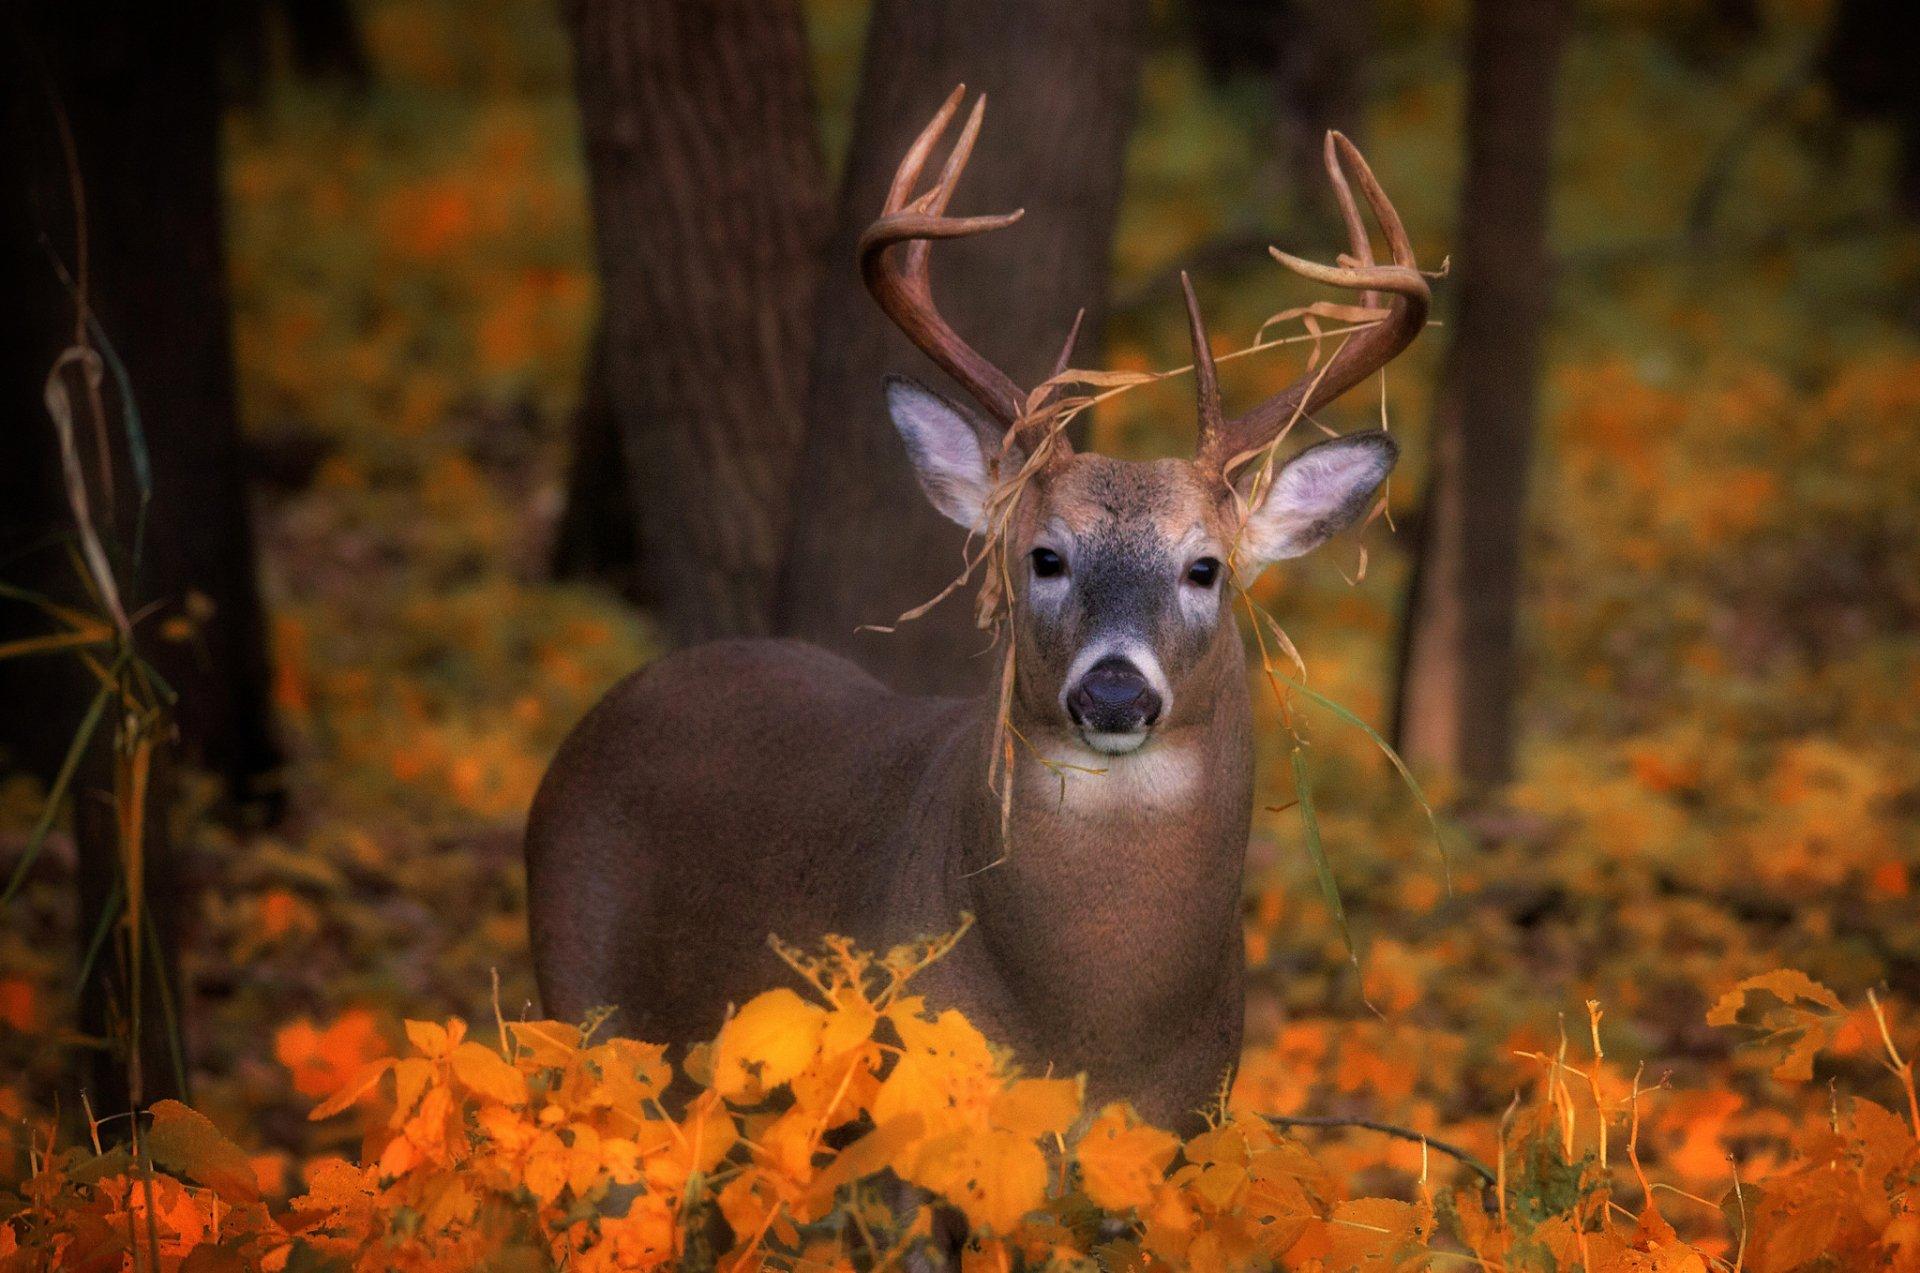 Cerf fond d 39 cran hd arri re plan 2048x1358 id - Image d animaux gratuit ...